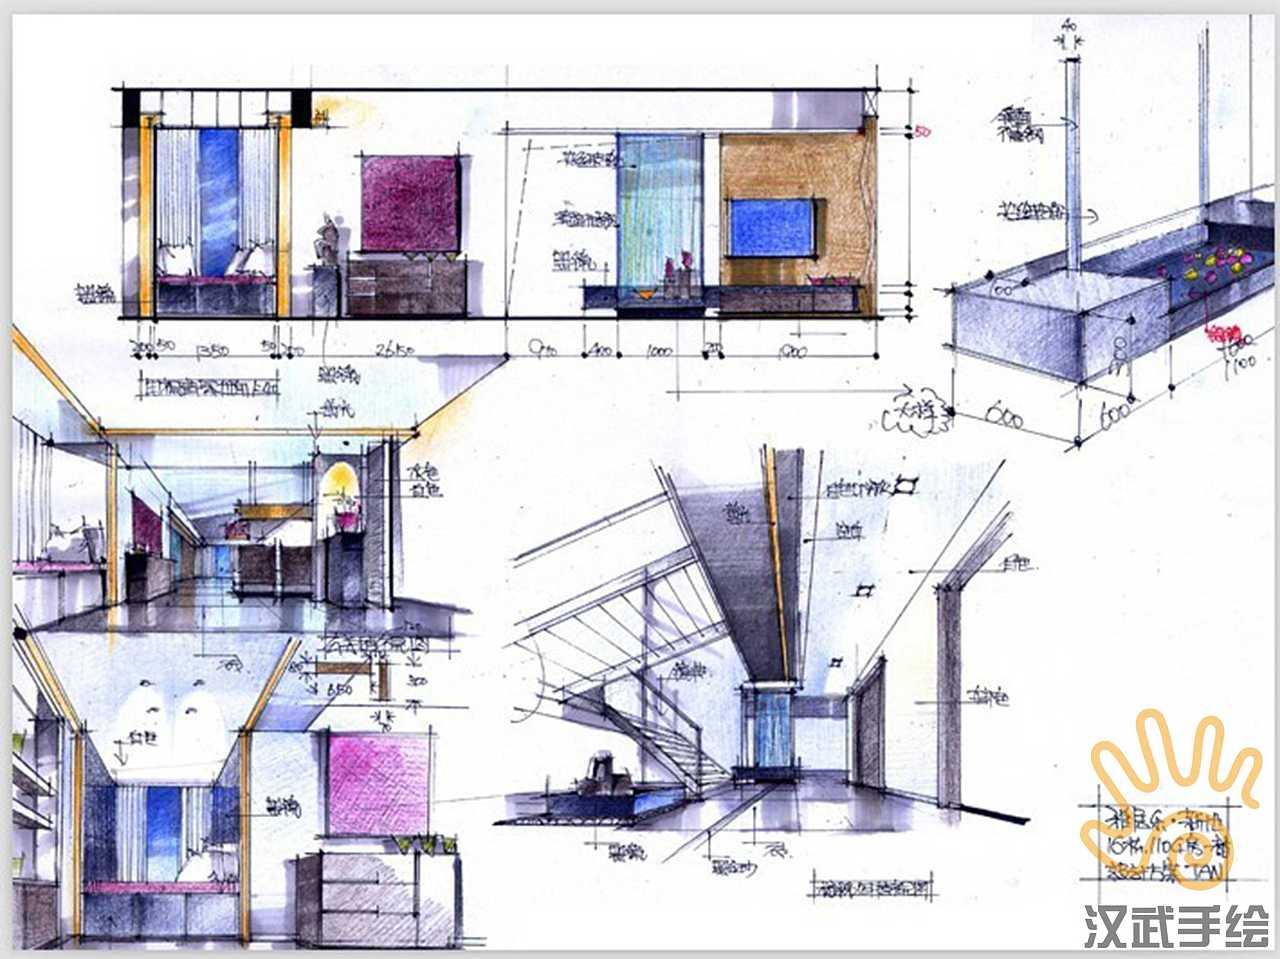 室内设计手绘考研快题模版|空间|室内设计|汉武手绘